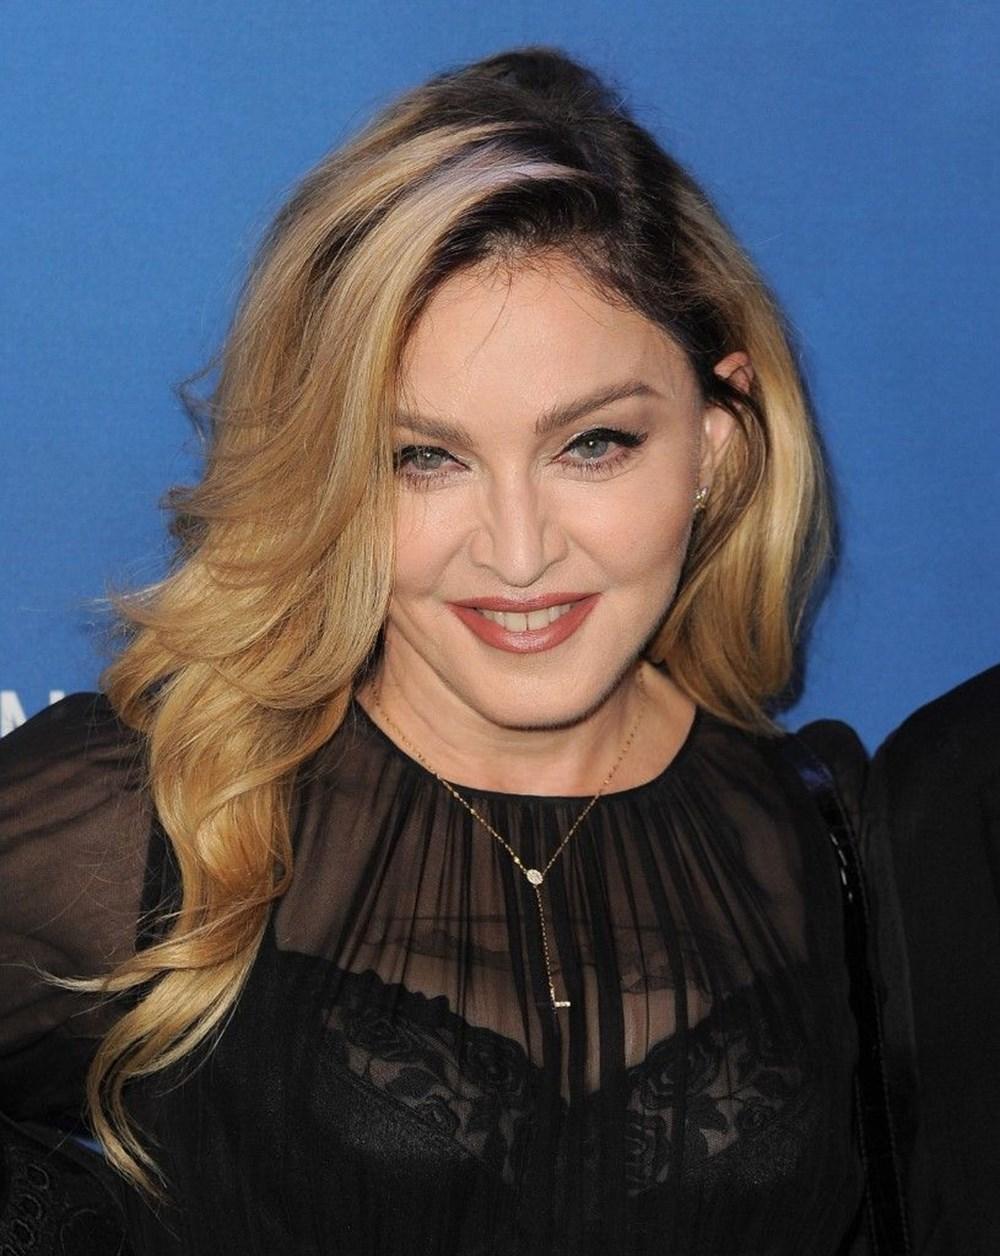 Madonna kendi hayatının filmini kendi çekecek - 3